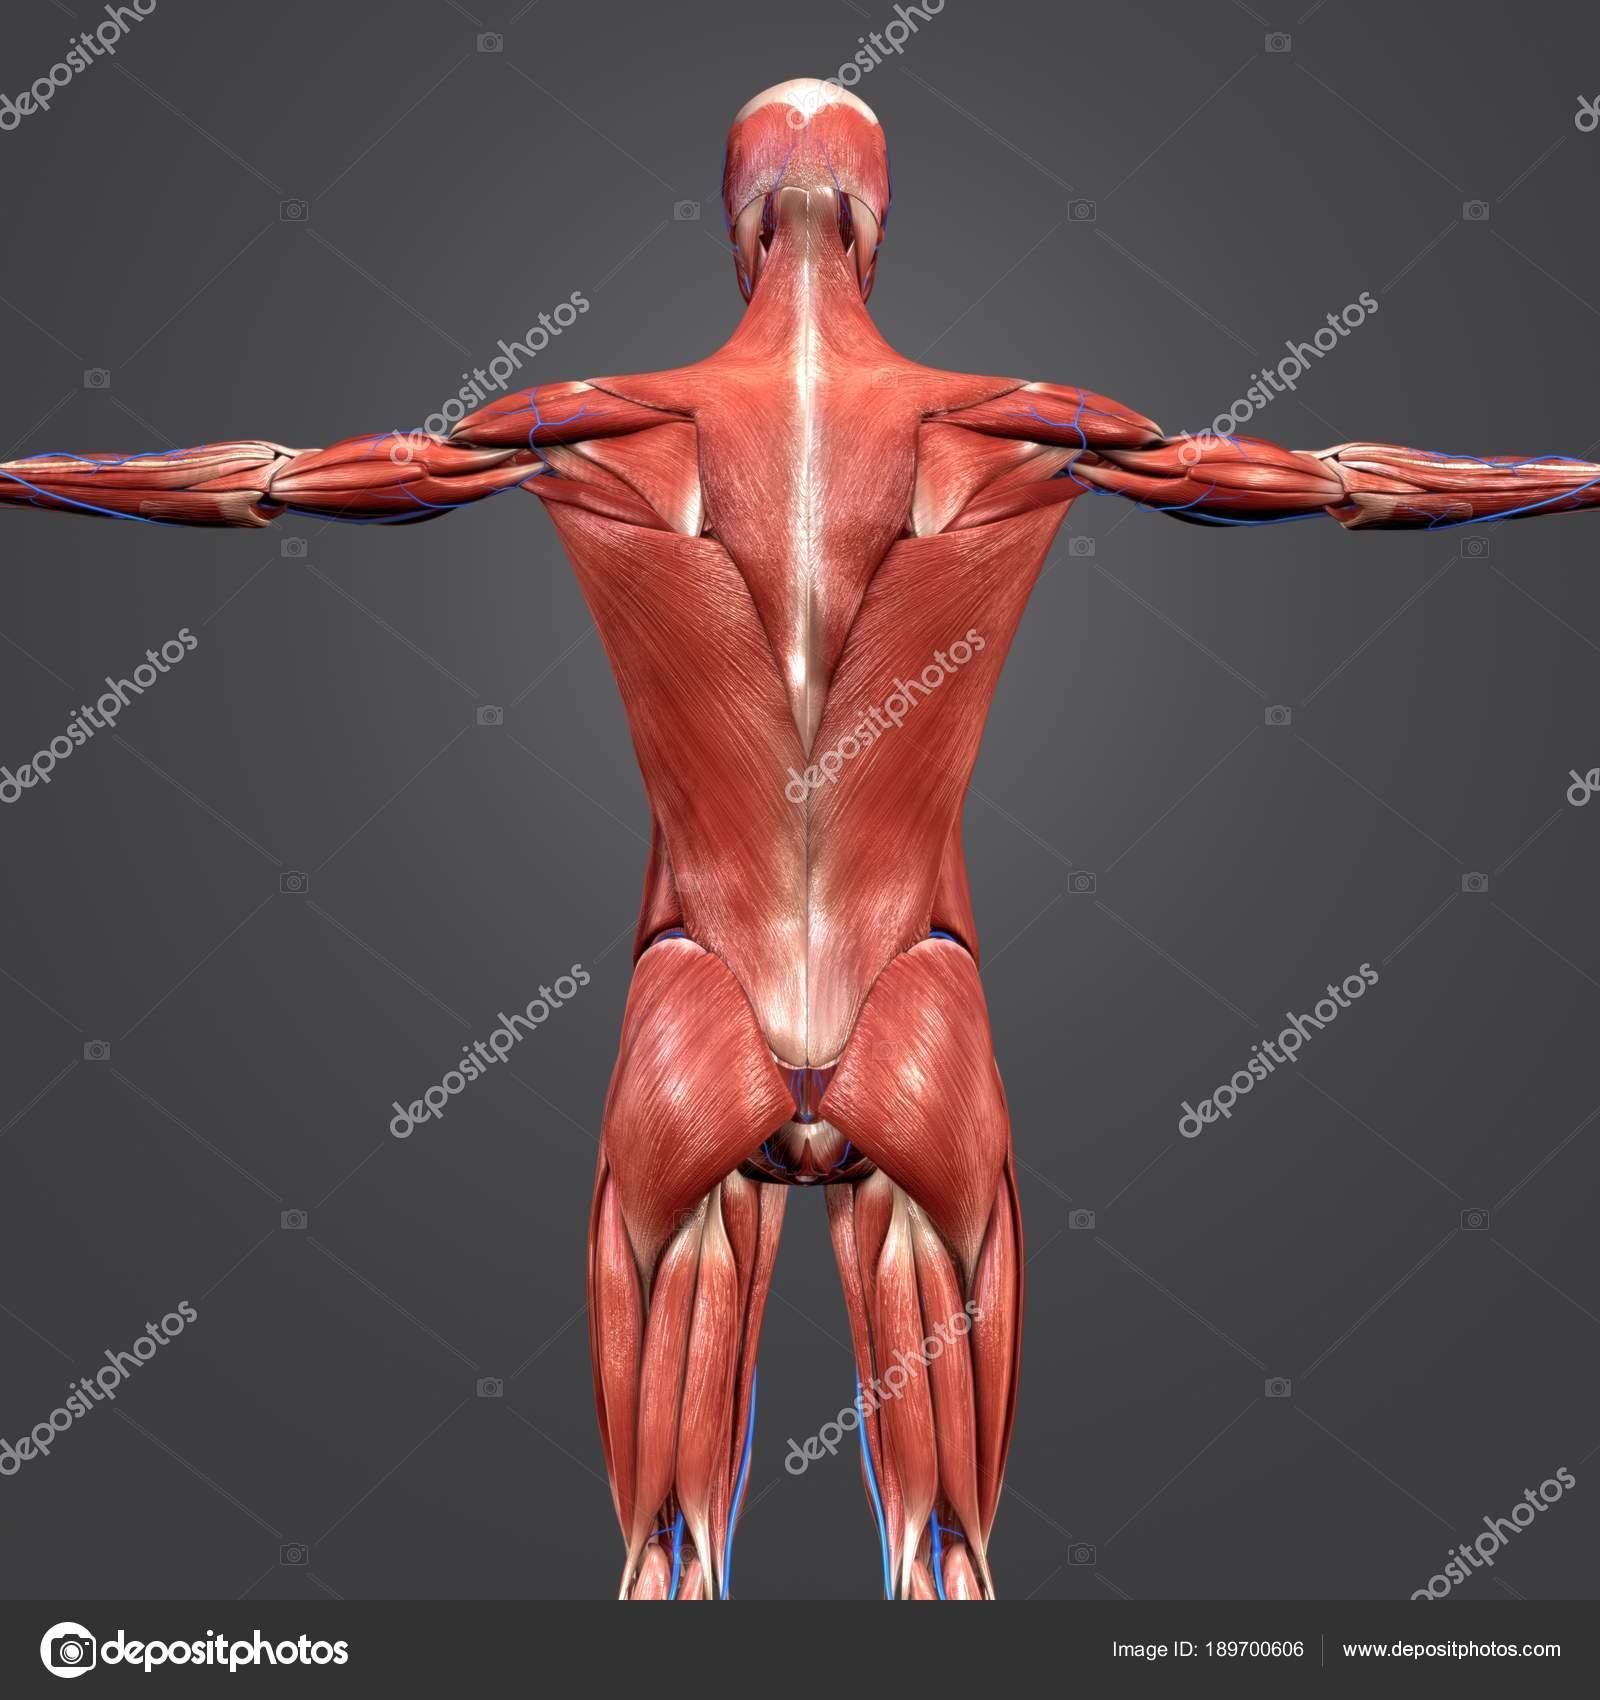 Colorida Ilustración Médica Anatomía Muscular Humana Con Las Venas ...